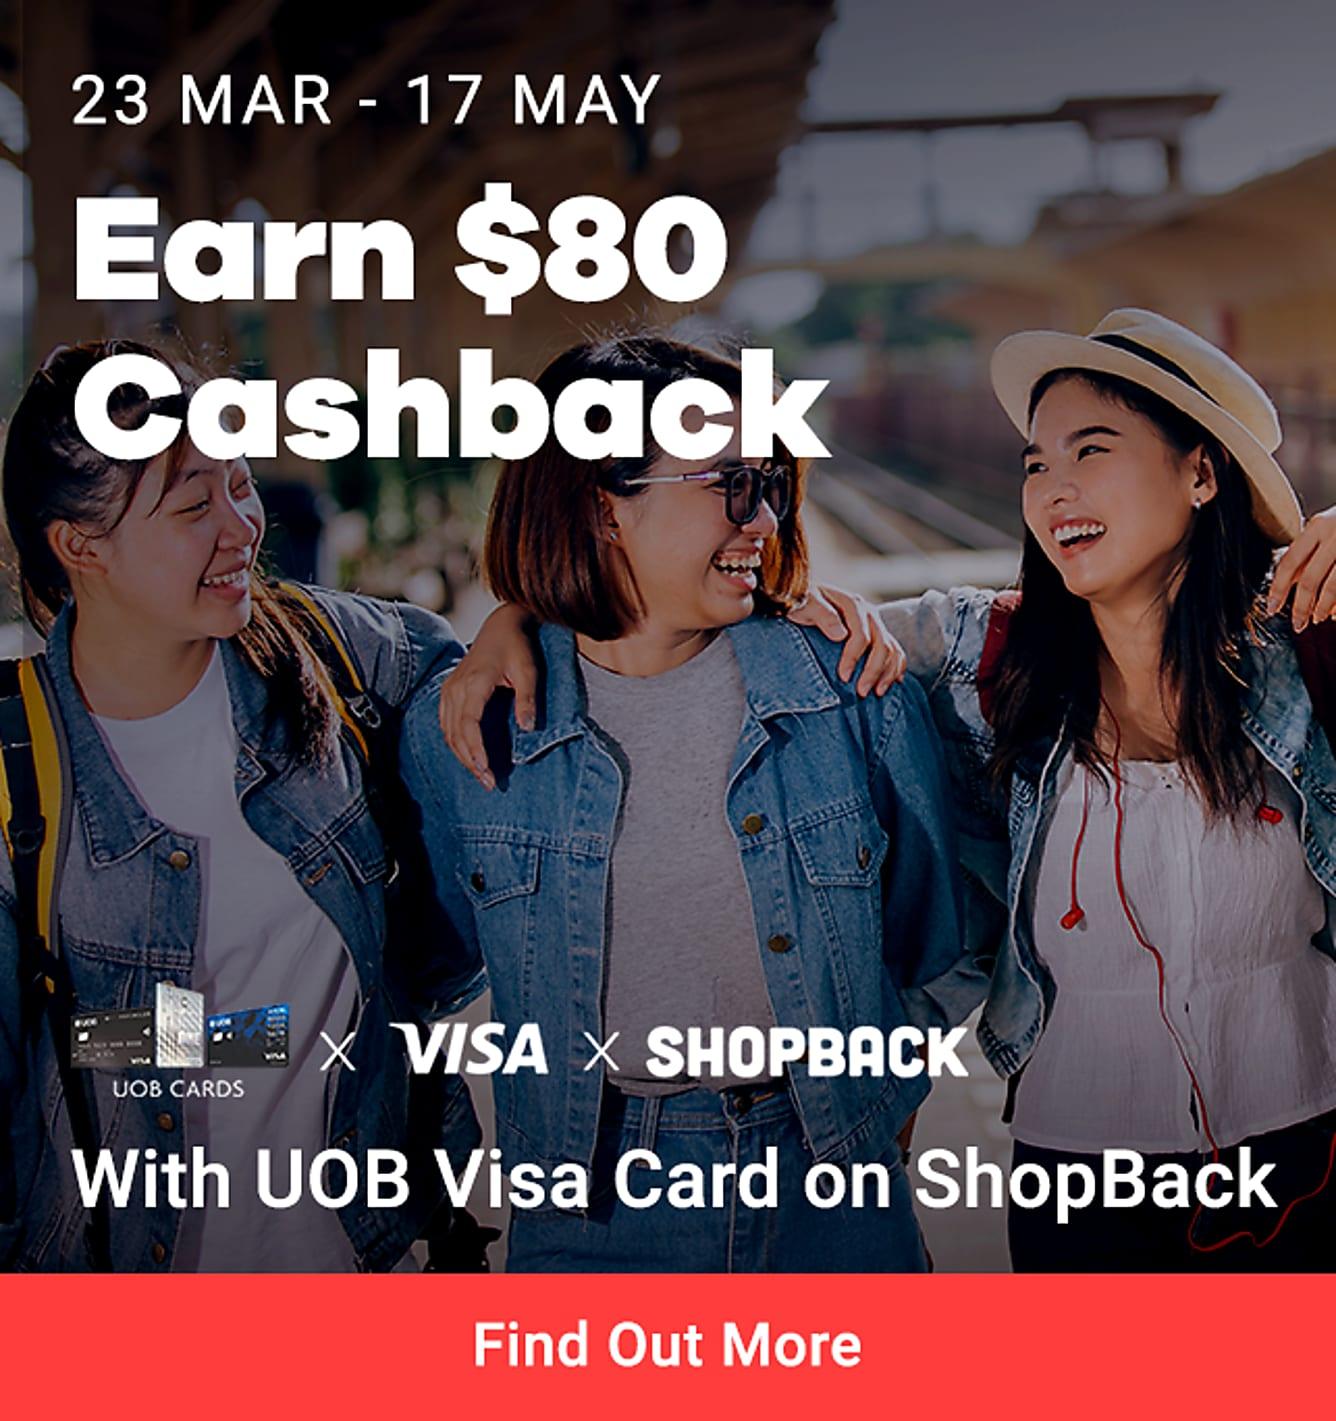 Earn $80 Cashback